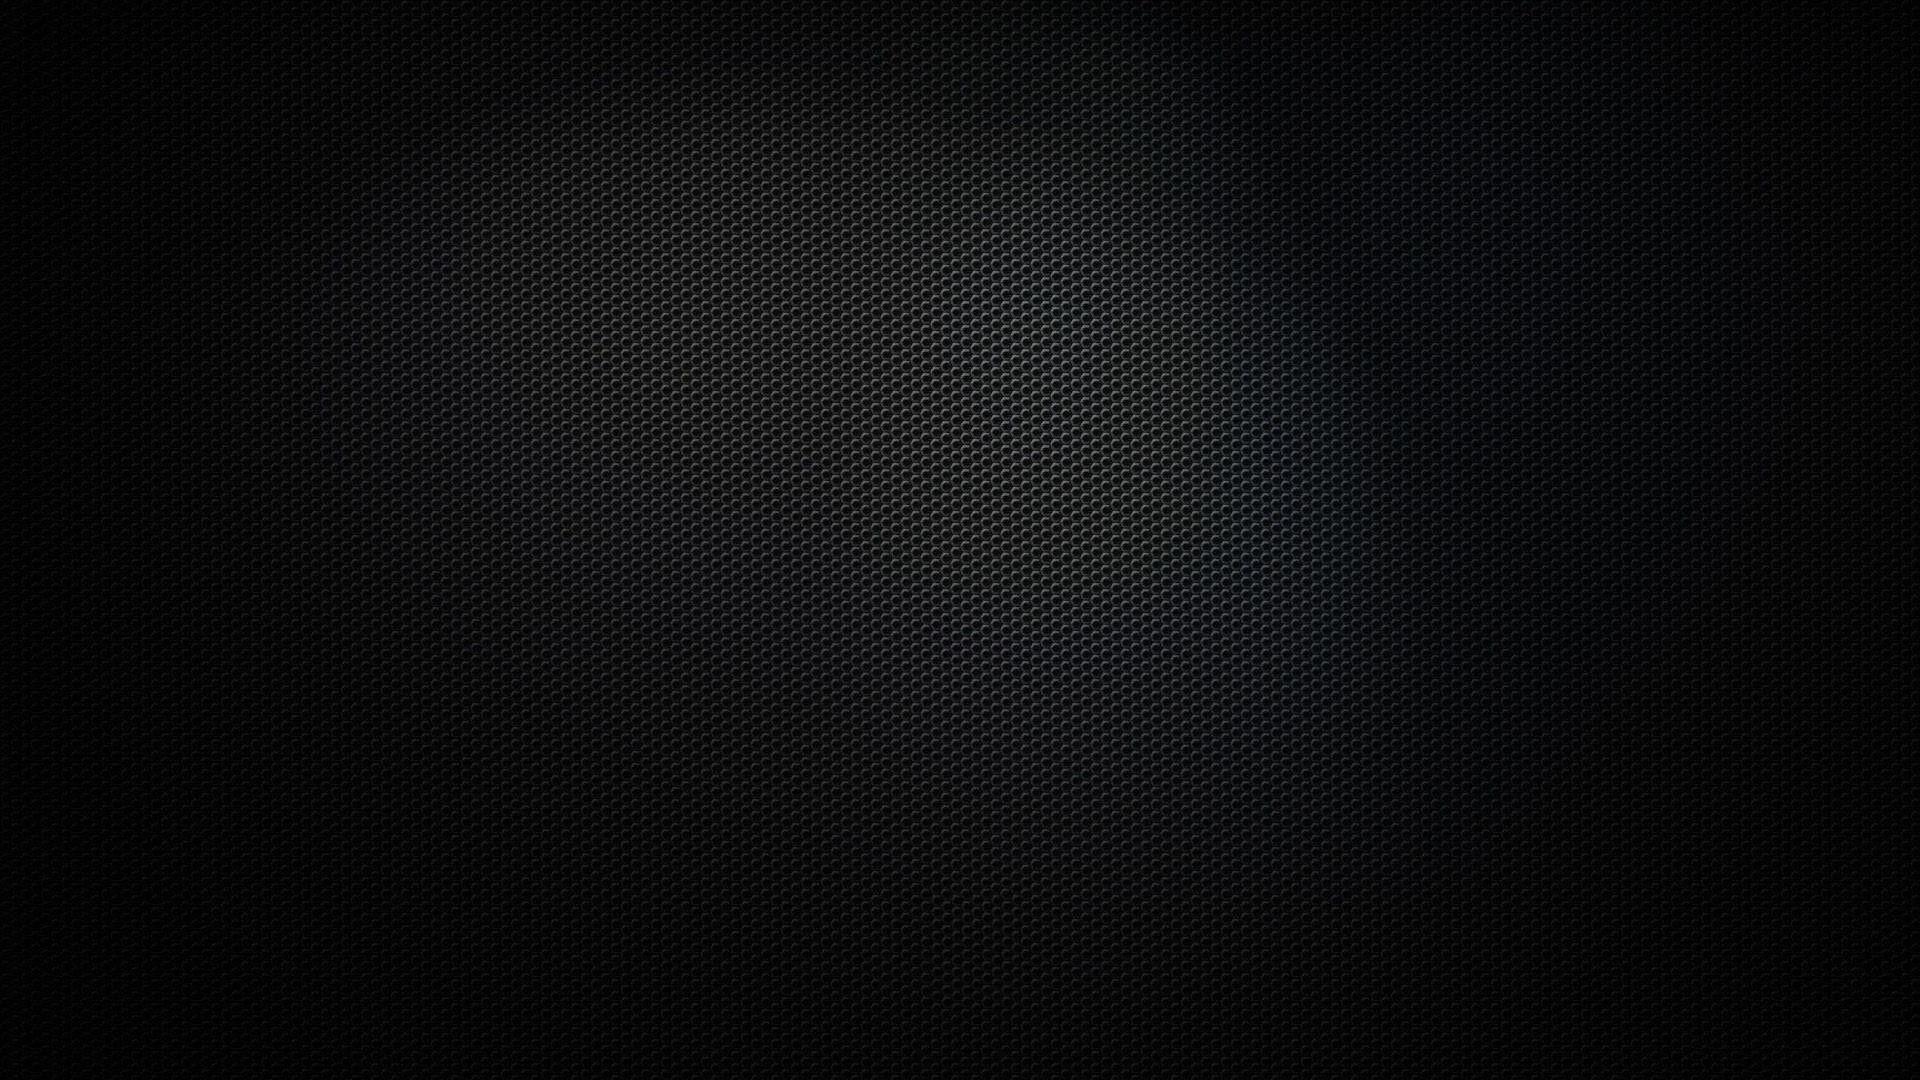 1920x1080 Nền hình nền màu đen mát mẻ